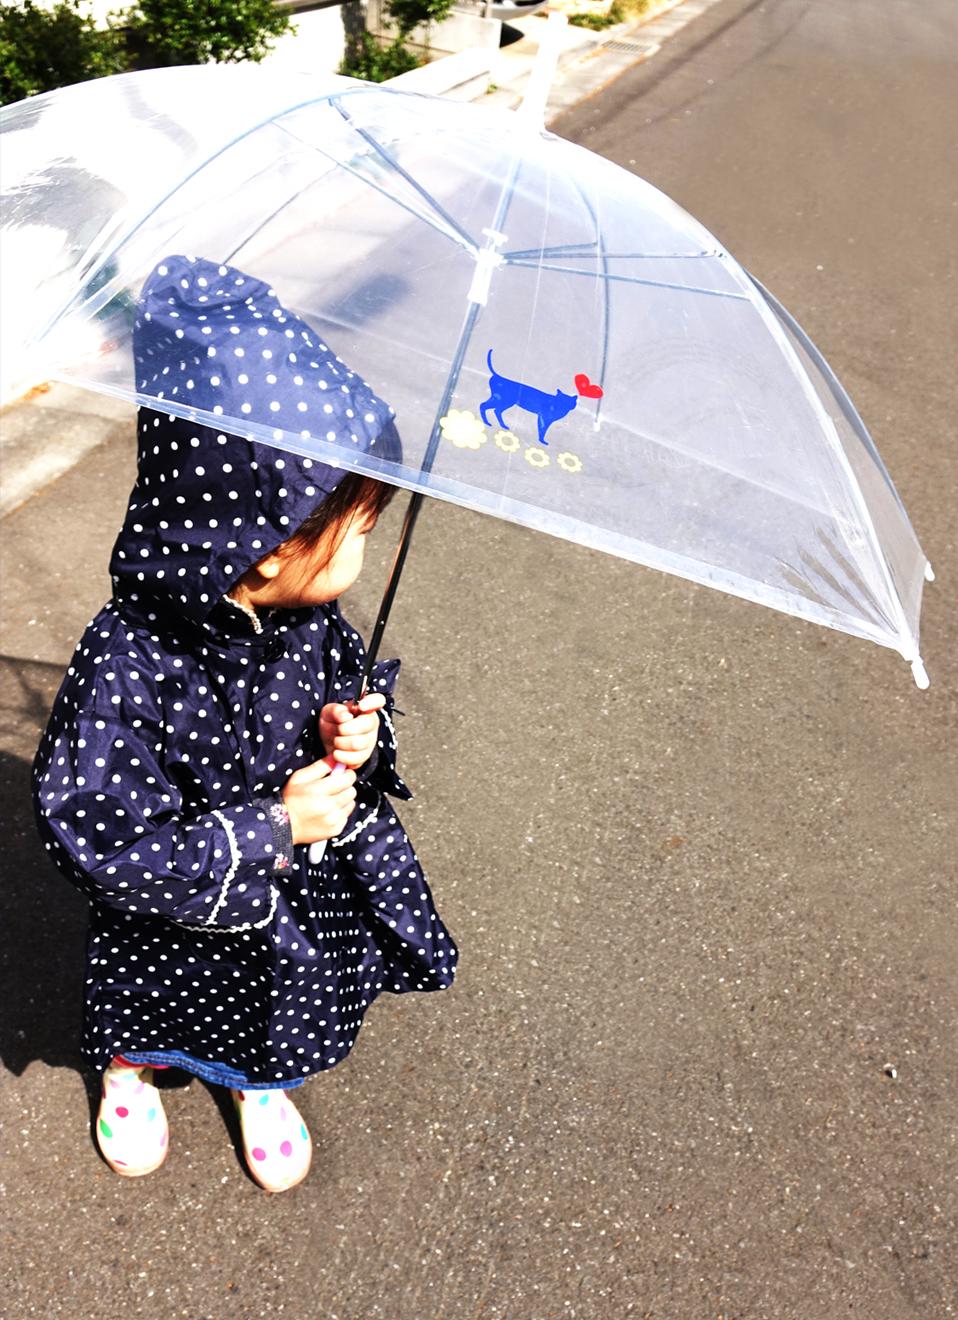 世界にひとつ!<br>自分だけのオリジナル傘を作ろう!